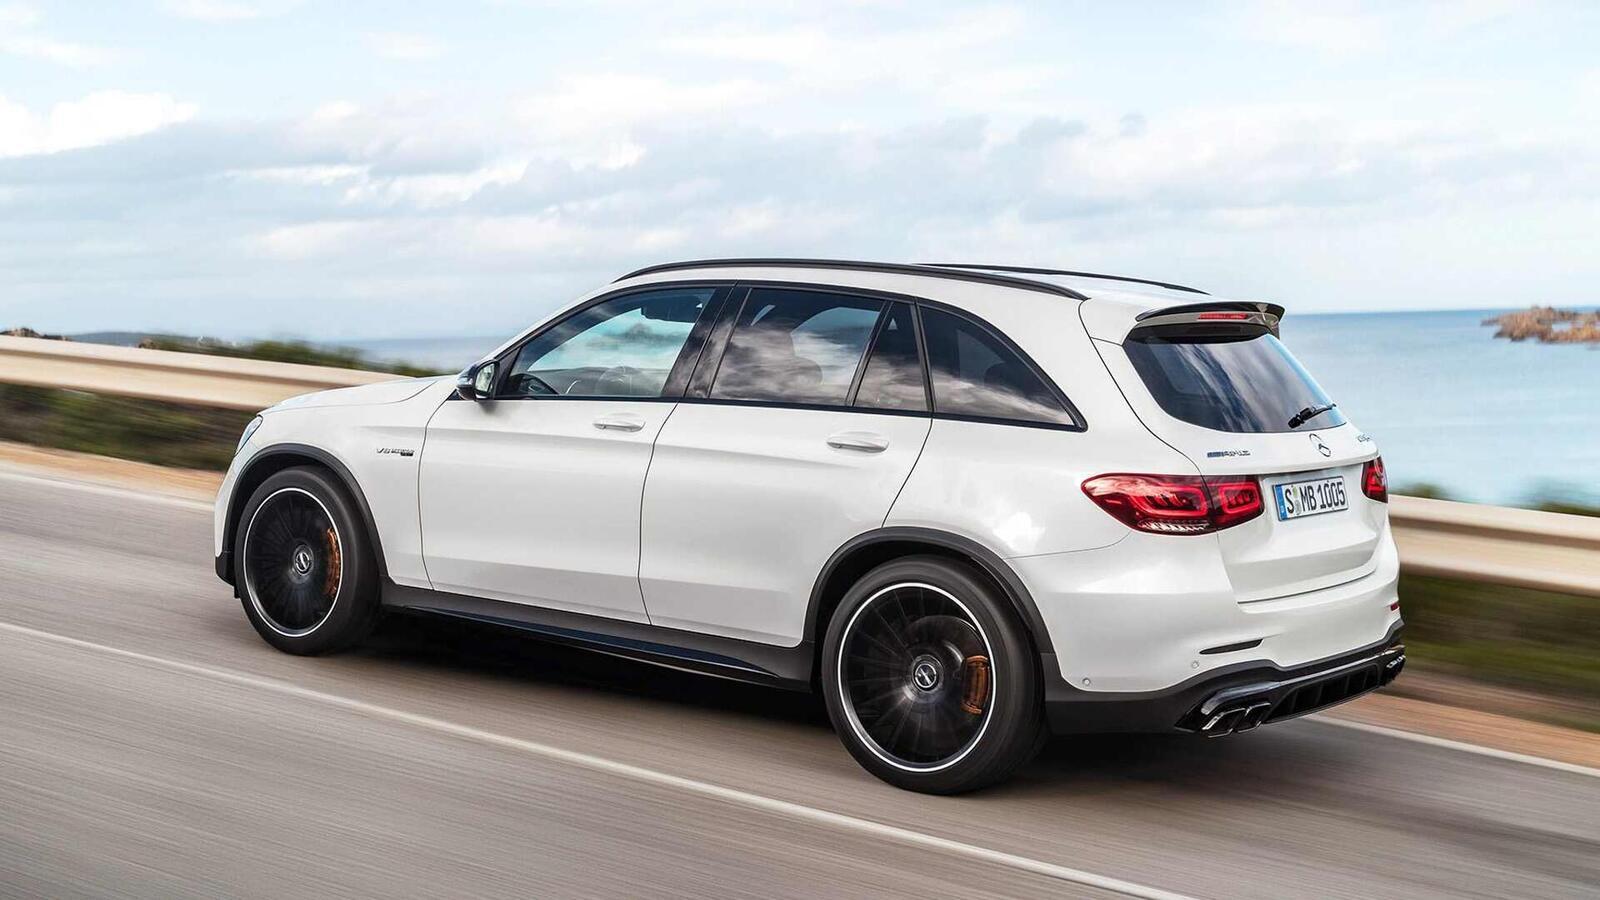 Mercedes-AMG giới thiệu GLC và GLC Coupe 63 mới lắp động cơ V8 4.0L Biturbo mạnh hơn 460 mã lực - Hình 12